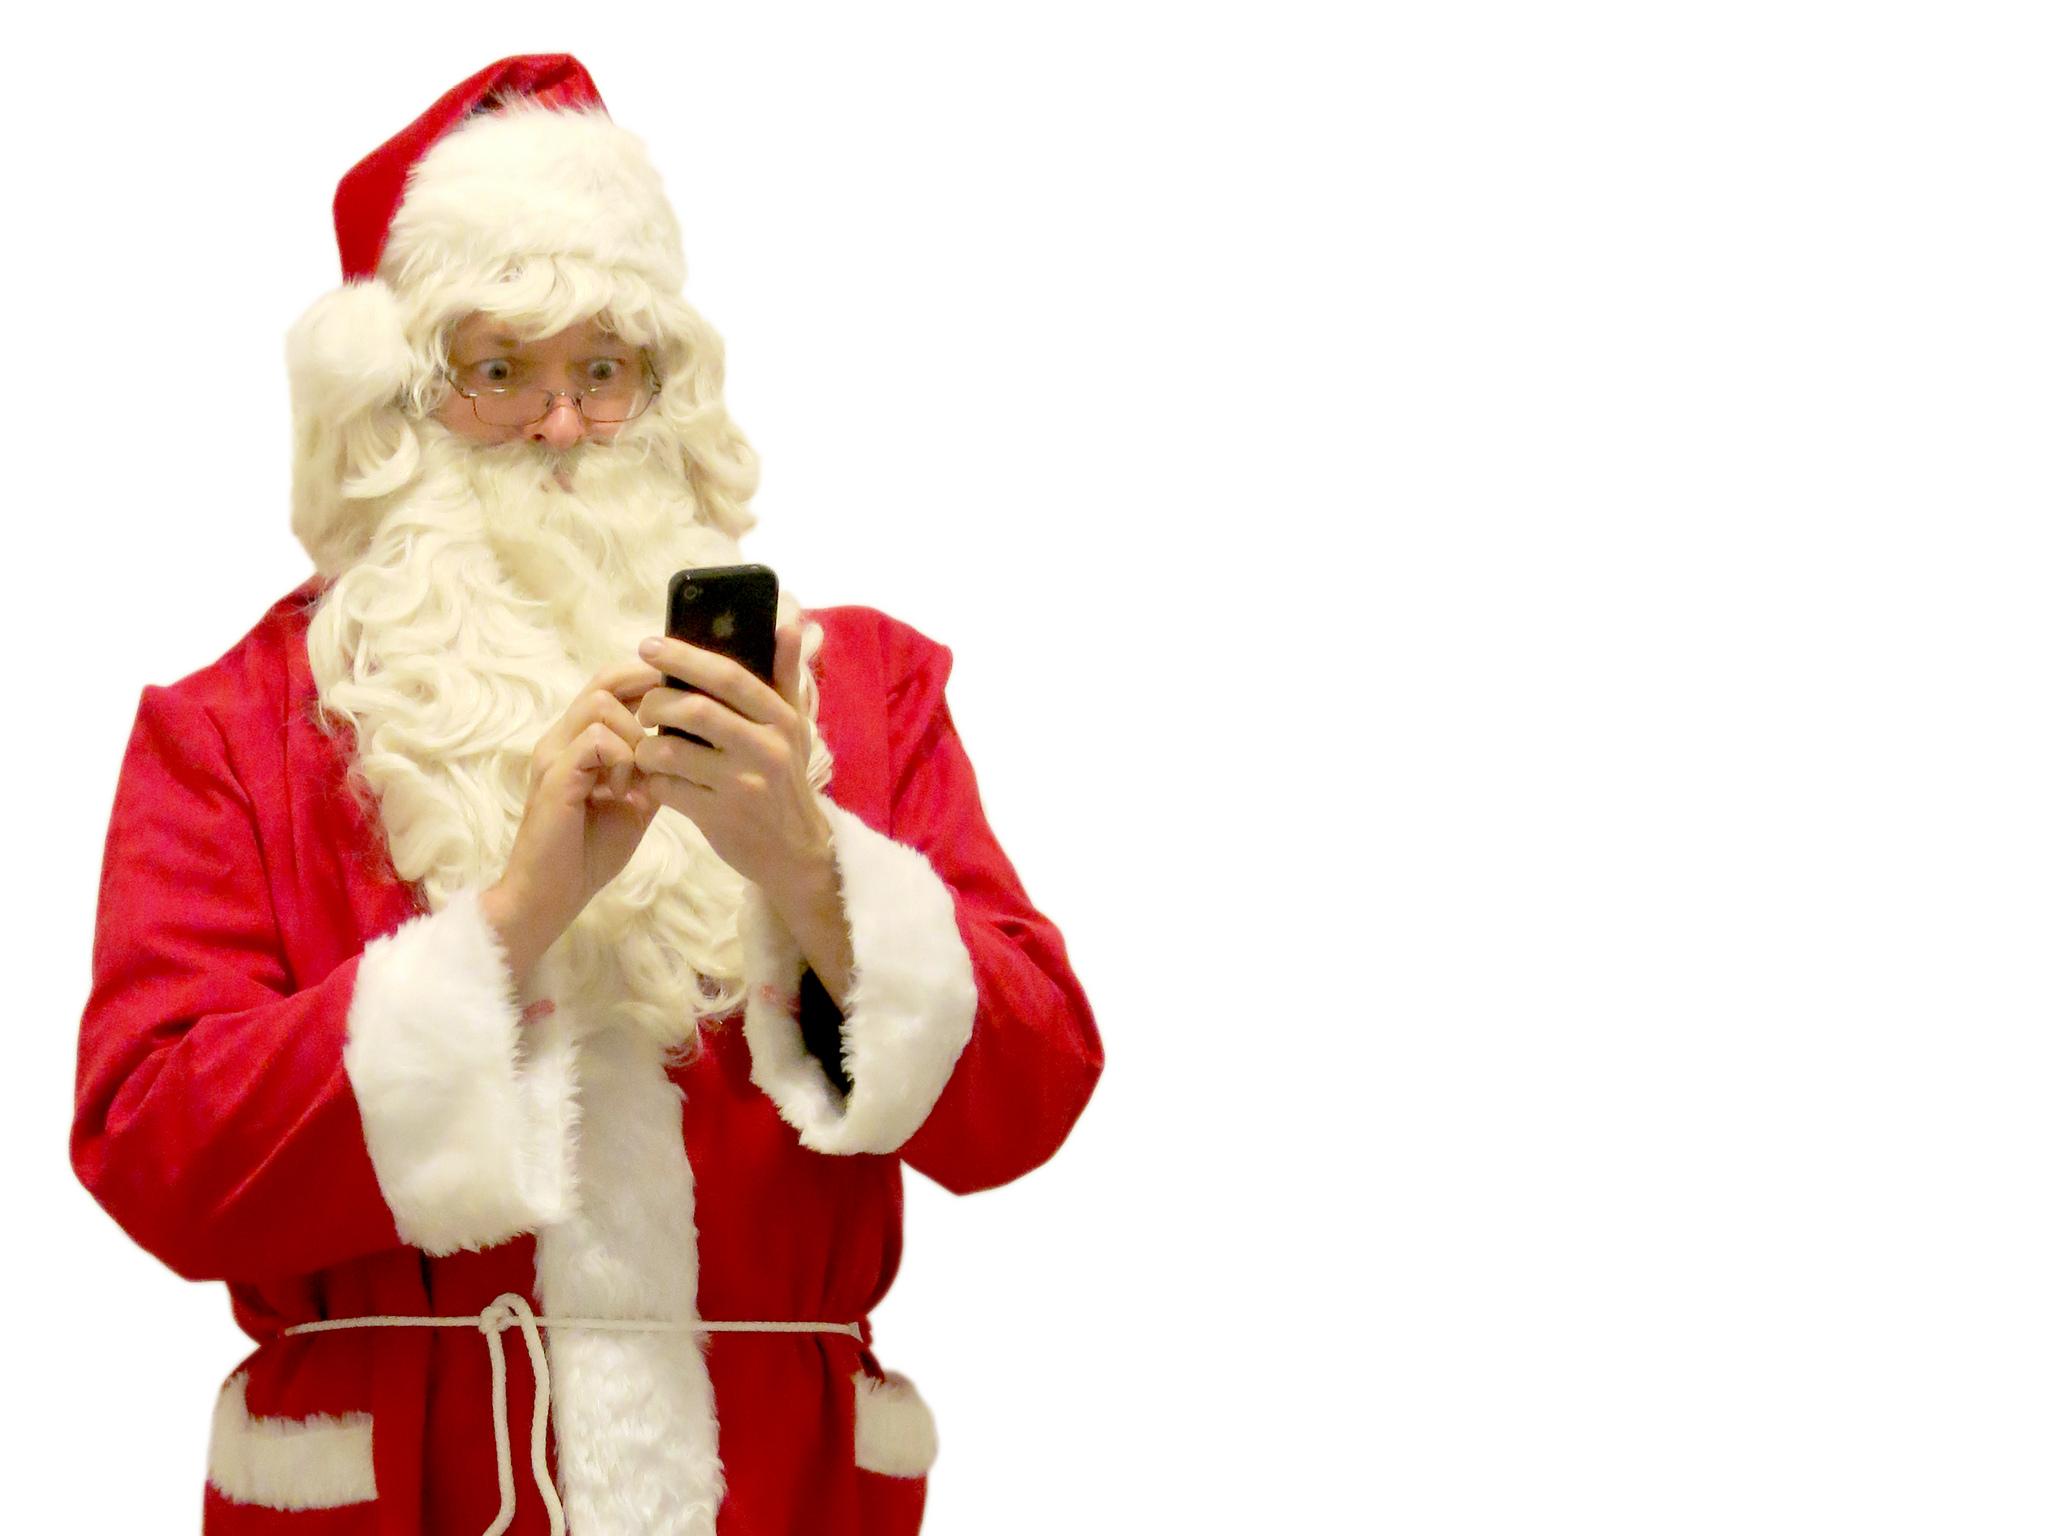 mensajes picantes para felicitar la navidad